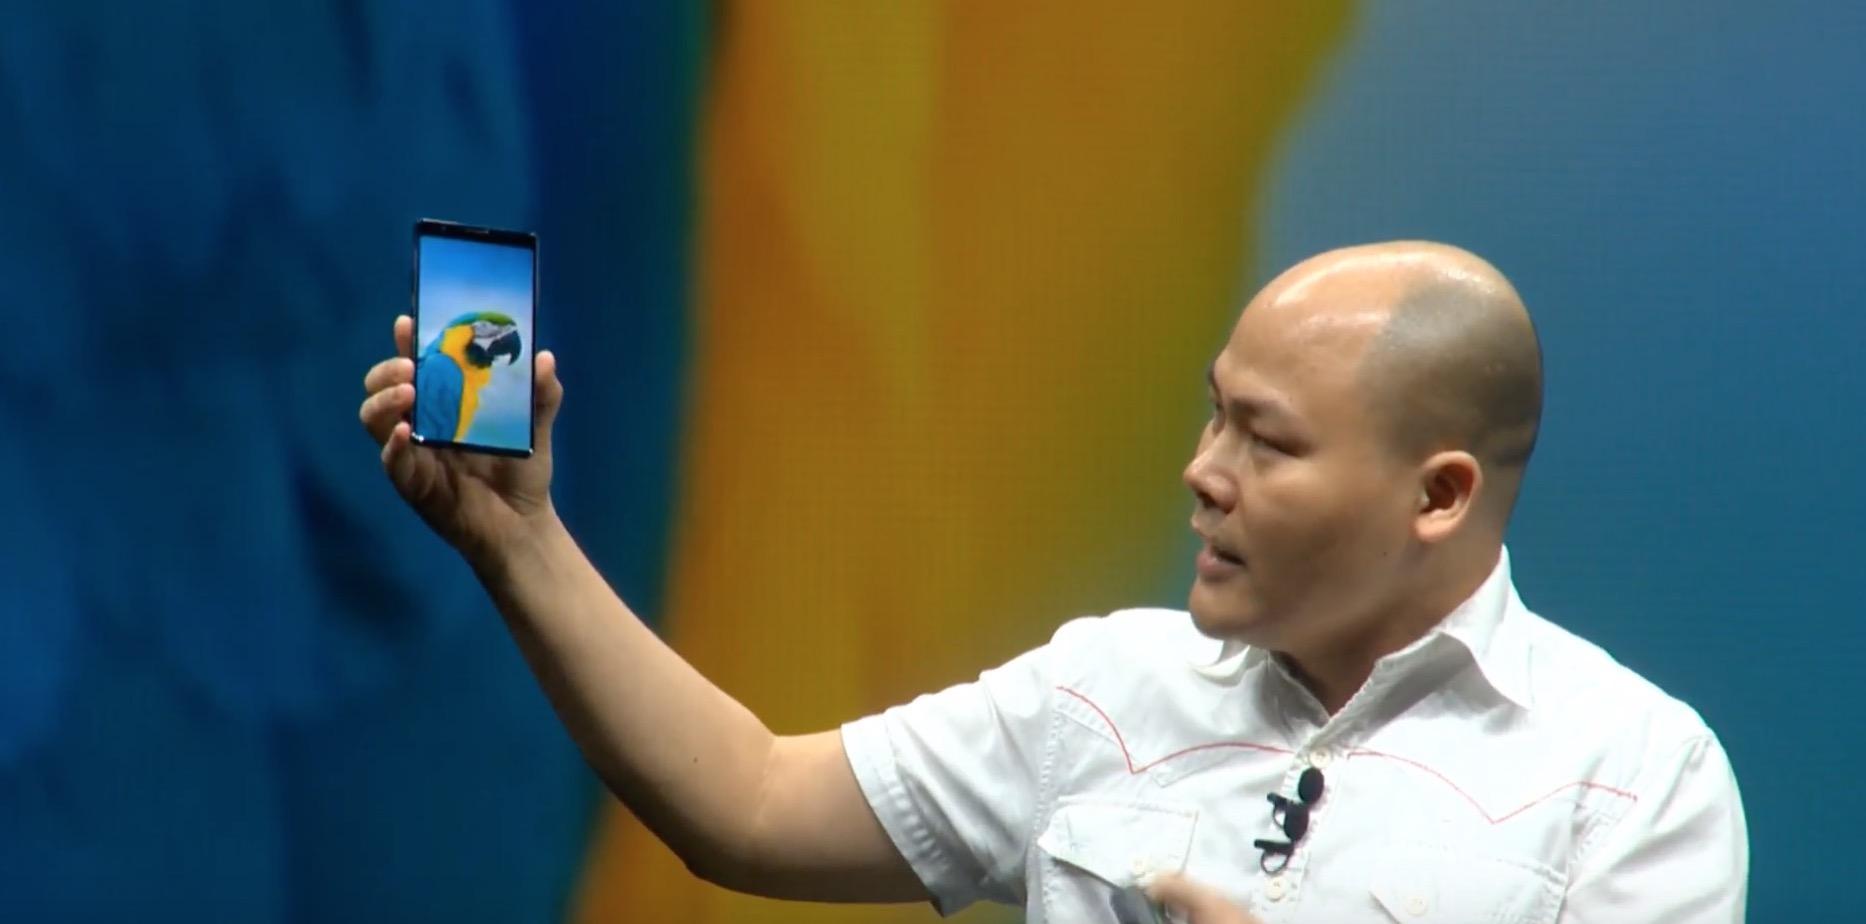 Bkav chính thức ra mắt Bphone 3, Bphone 3 Pro với thiết kế tràn đáy ấn tượng, AI camera thông minh